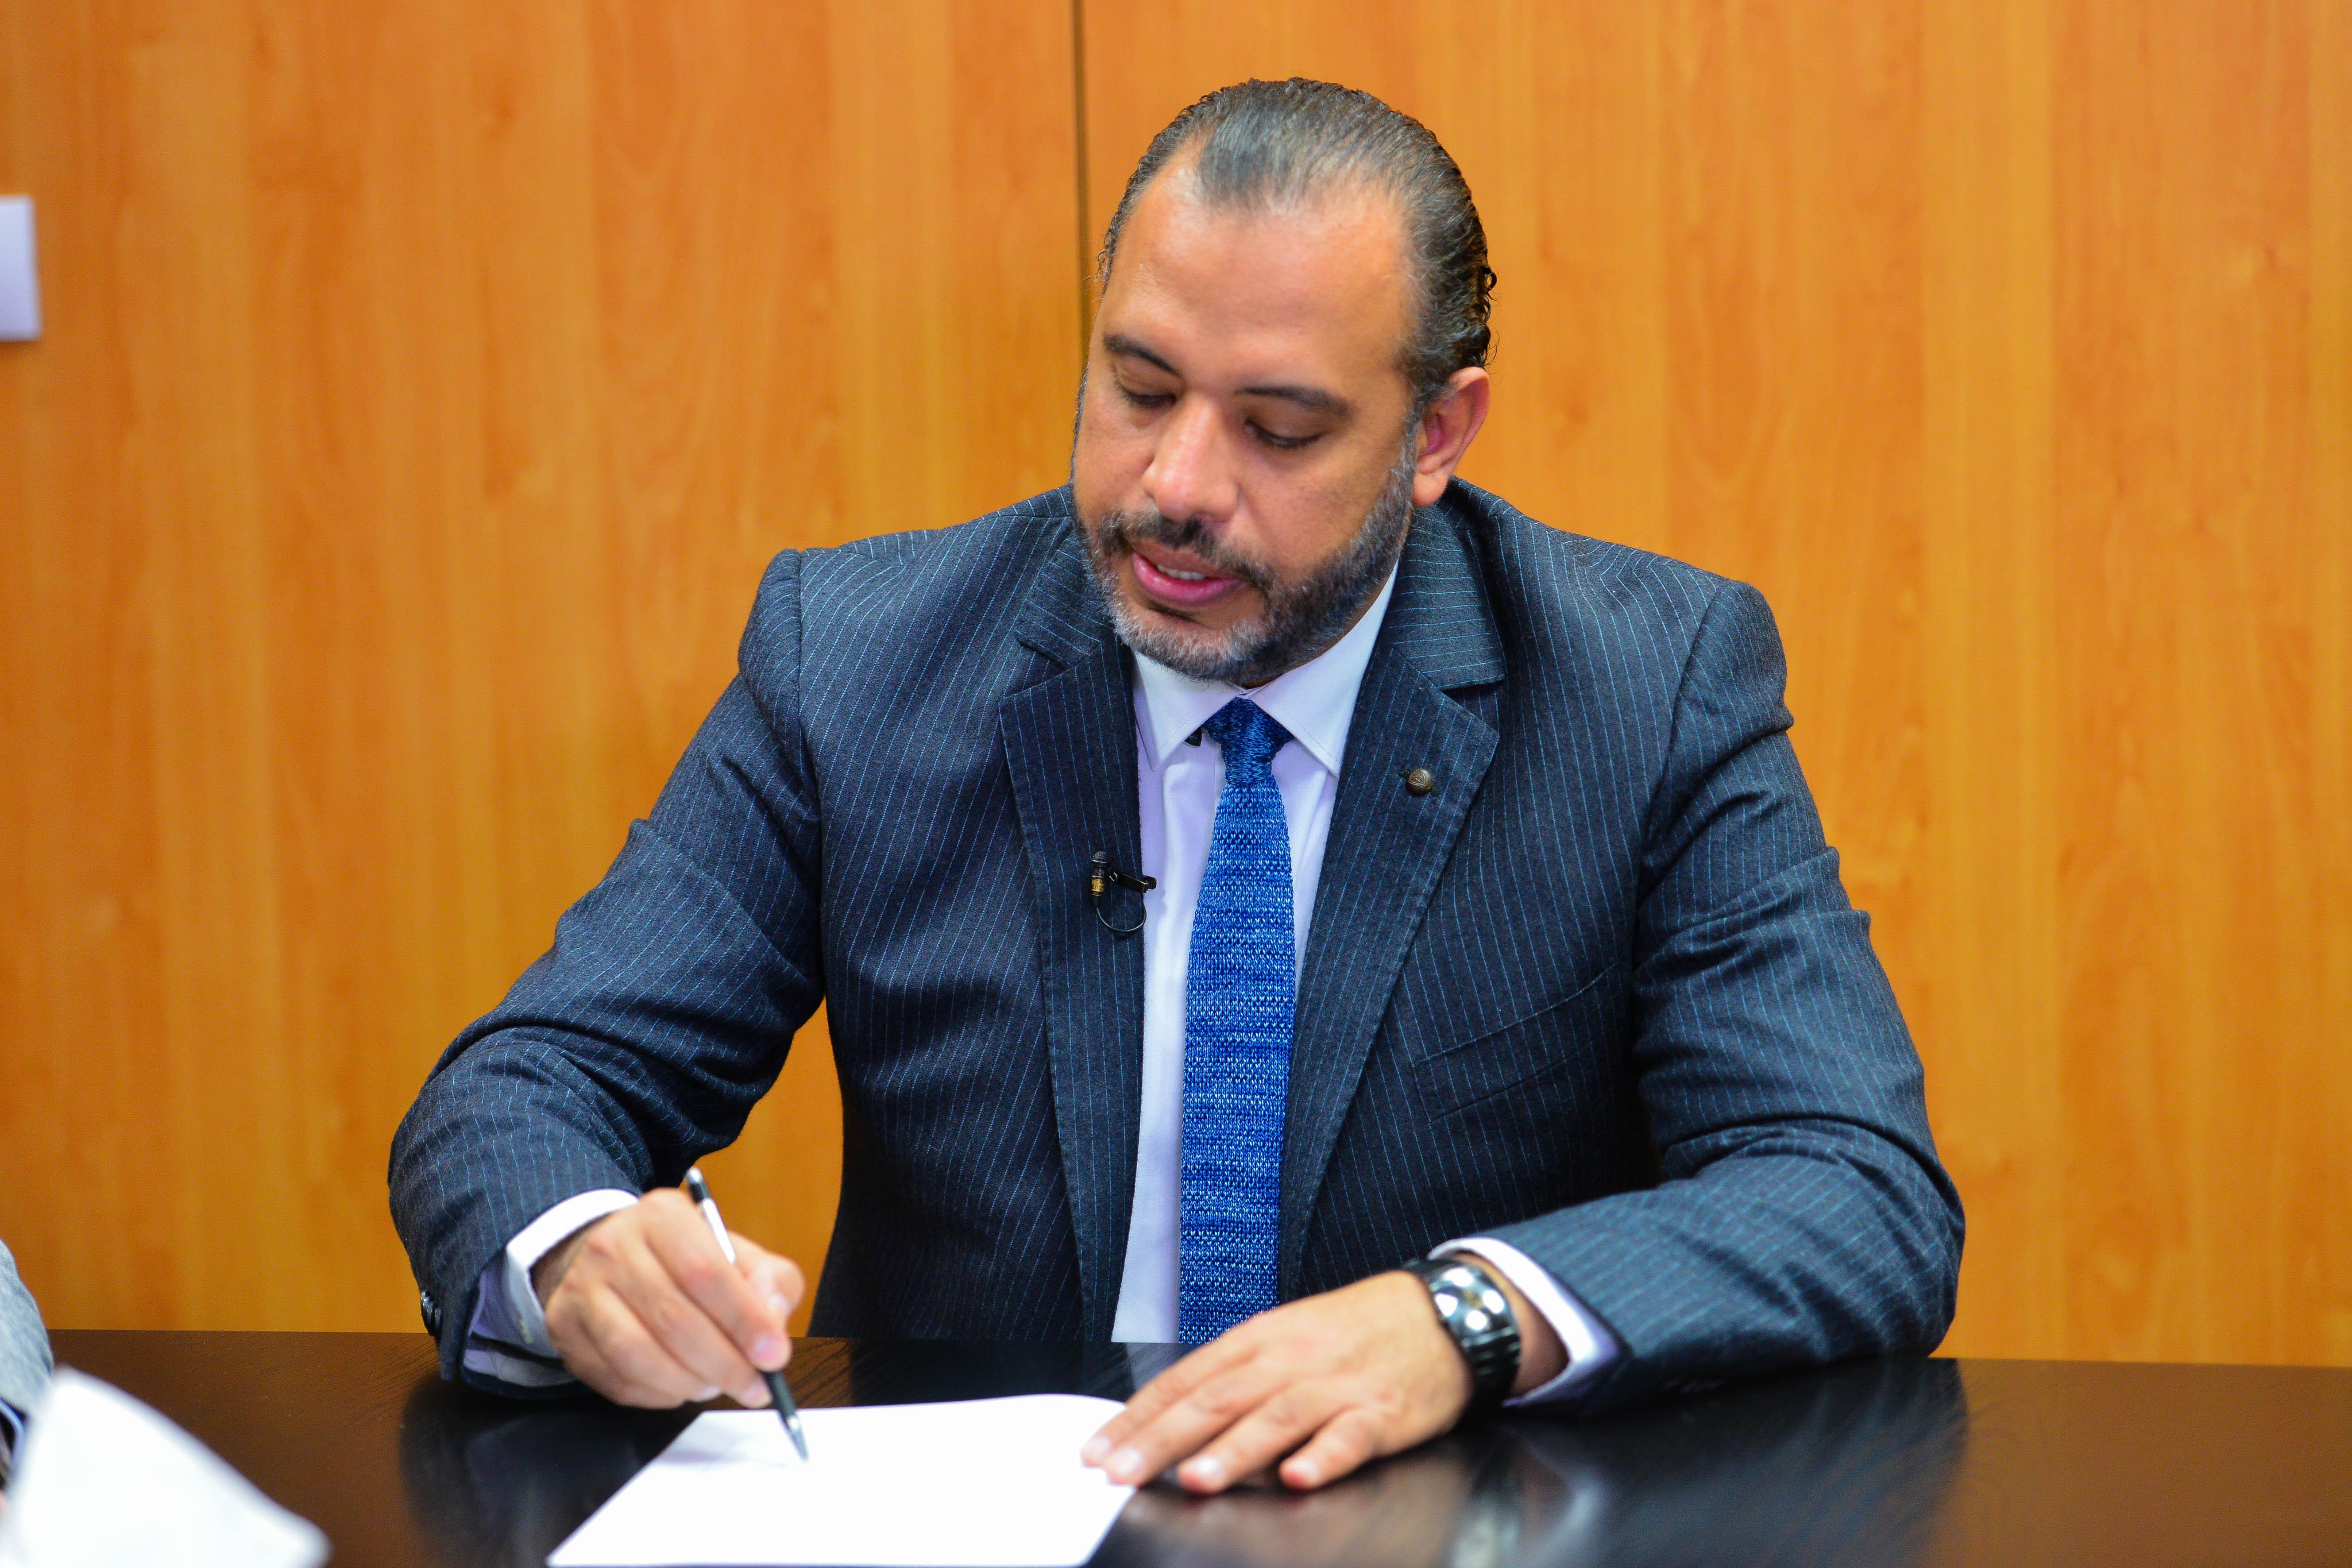 الدكتور أحمد السبكى استشارى جراحات السمنة والسكر والتجميل